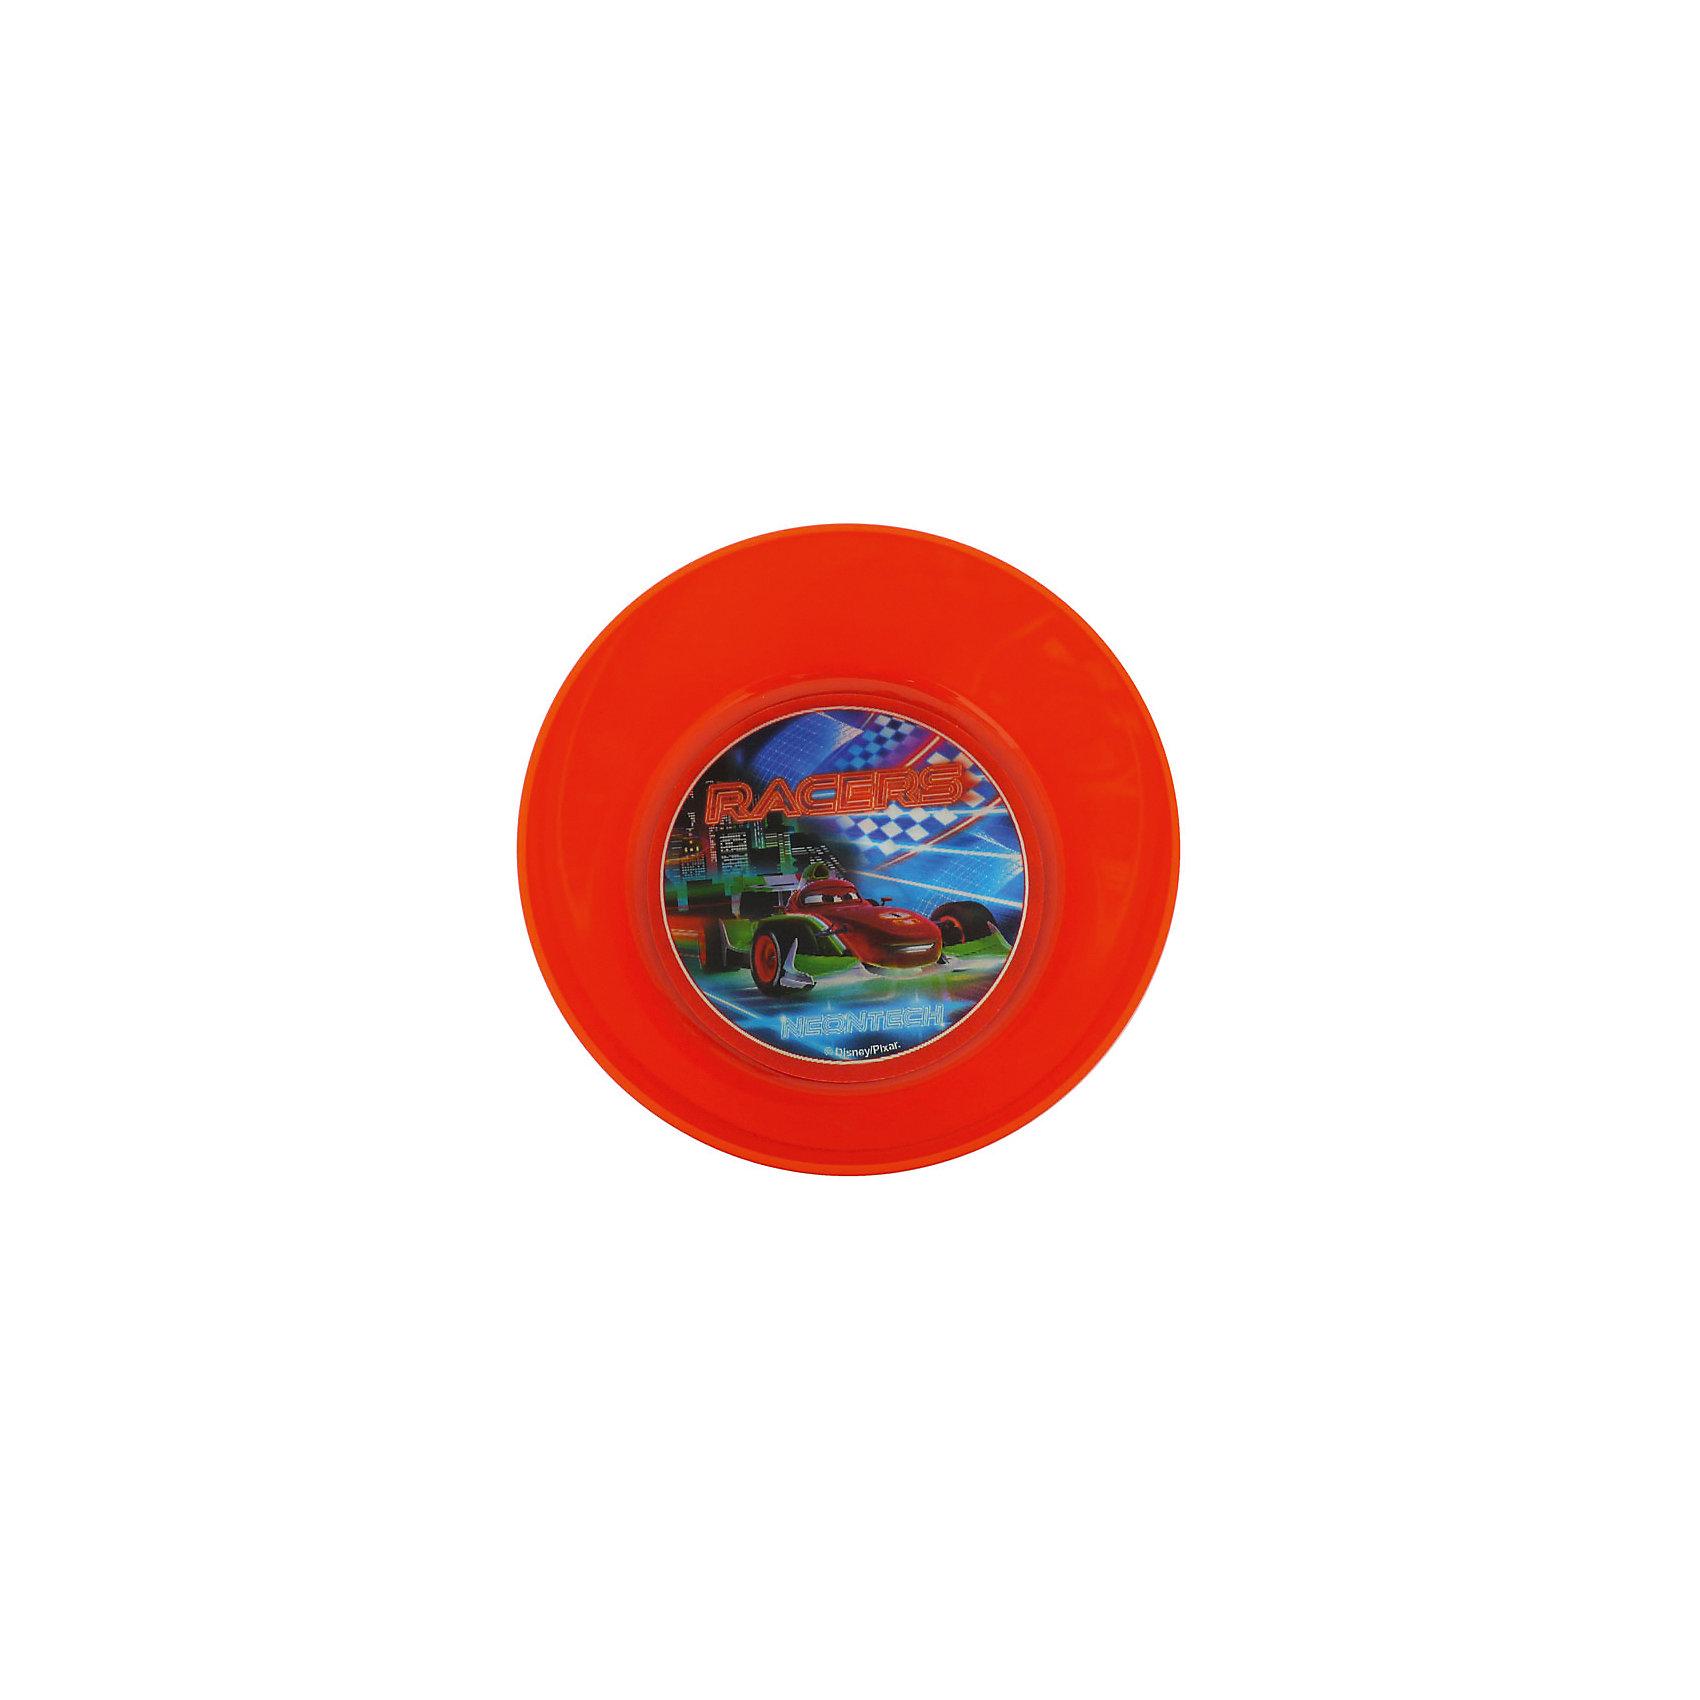 Миска Неон (диаметр 15 см), ТачкиТеперь можно сделать каждый день праздничным! Миска Неон отлично подойдет как для праздника, так и для обычный дней. Увидев обед, поданный в такой шикарной мисочке, малыш почувствует себя настоящей звездой. Такая красивая вещь непременно обрадует кроху. Из яркой и красивой мисочки с изображением любимых героев мультфильма Тачки (Cars) малышу захочется доесть все до последней крошки. Дно мисочки украшено круглой вставкой, которая меняет изображение под разным углом зрения. Пластиковая мисочка не разобьется, а рисунок не сотрется со временем. Удобная форма отлично подходит для частого использования.  <br><br>Дополнительная информация:<br><br>- Вариоизображение;<br>- Особенно понравится поклонникам мультфильма Тачки (Cars);<br>- Подходит для горячего и холодного;<br>- Материал: пластик;<br>- Диаметр: 15 см;<br>- Размер: 15 х 15 х 5 см;<br>- Вес: 40 г<br><br>Миску Неон (диаметр 15 см), Тачки (Cars), можно купить в нашем интернет-магазине.<br><br>Ширина мм: 150<br>Глубина мм: 150<br>Высота мм: 50<br>Вес г: 40<br>Возраст от месяцев: 36<br>Возраст до месяцев: 144<br>Пол: Мужской<br>Возраст: Детский<br>SKU: 4166822